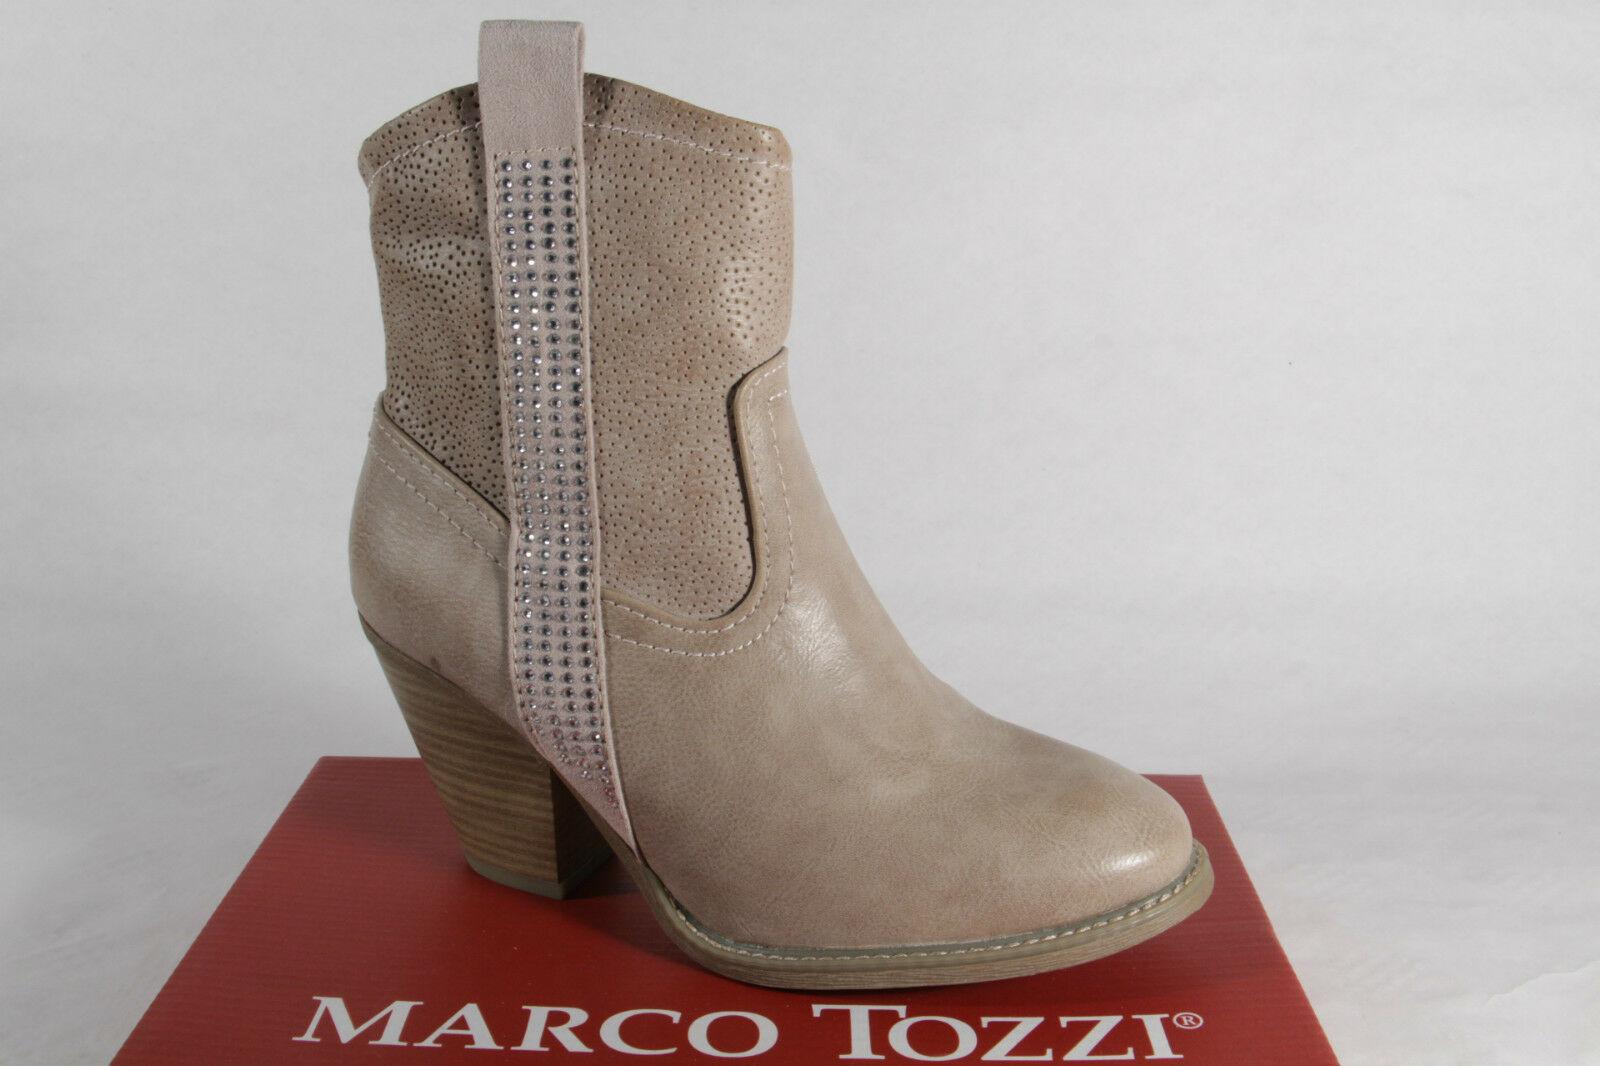 Marco Tozzi Stiefel, Stiefeletten, Stiefel Kunstleder beige, Reißverschluss NEU